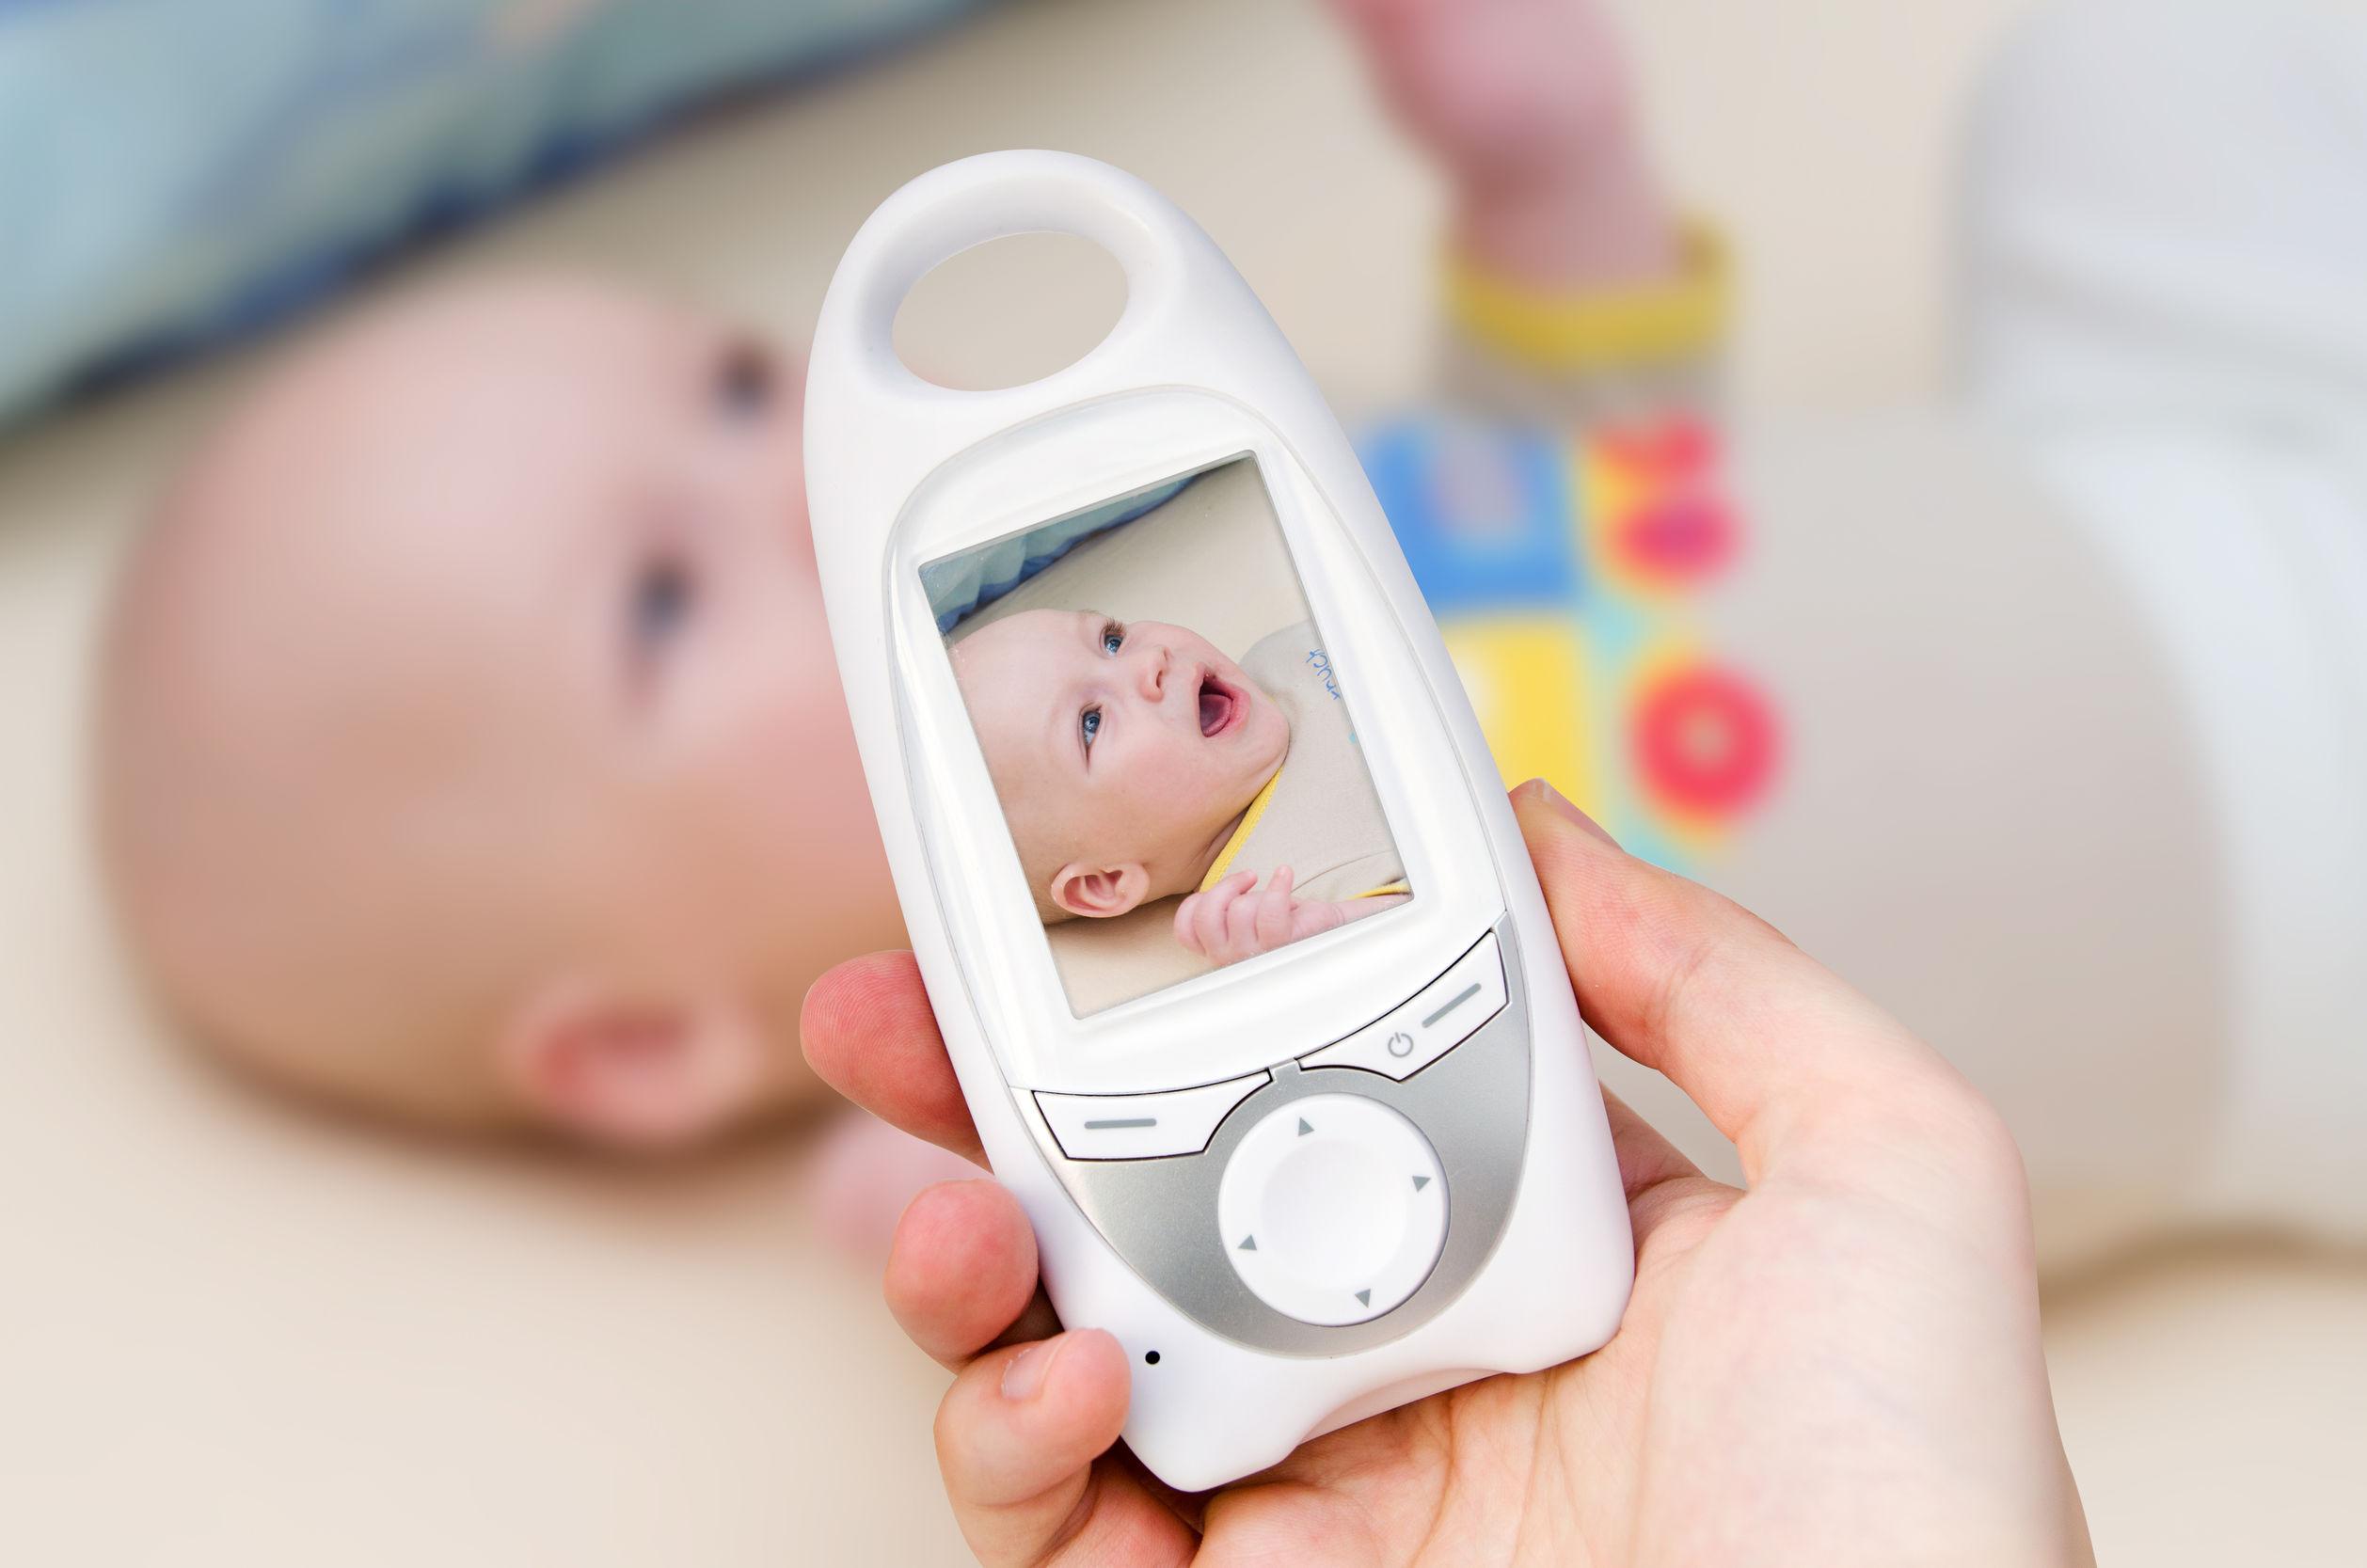 Mão segurando monitor de babá eletrônica com bebê em visor e em segundo plano.